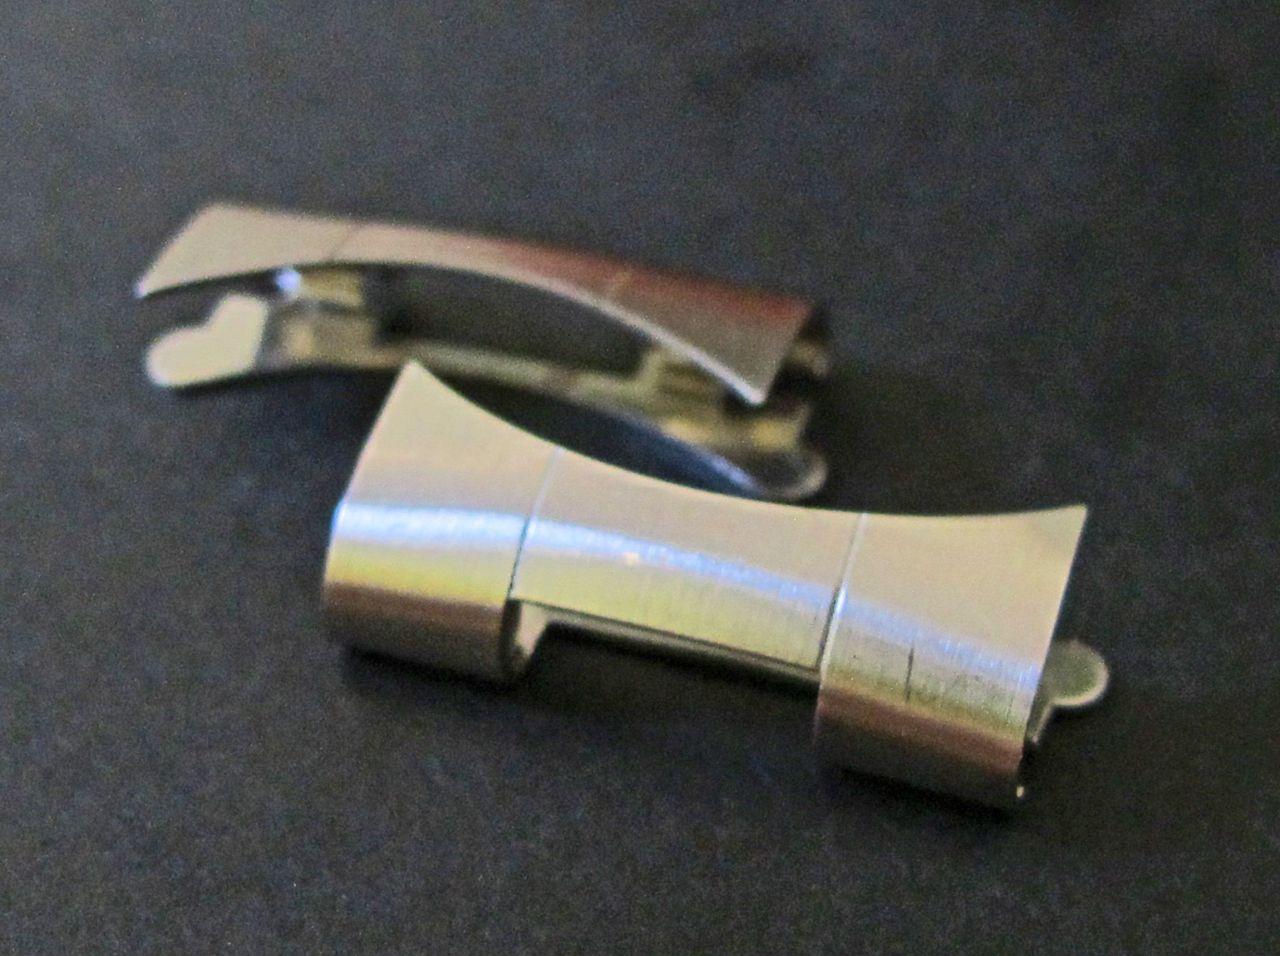 rolex-endlinks-oyster-bracelet-558-b